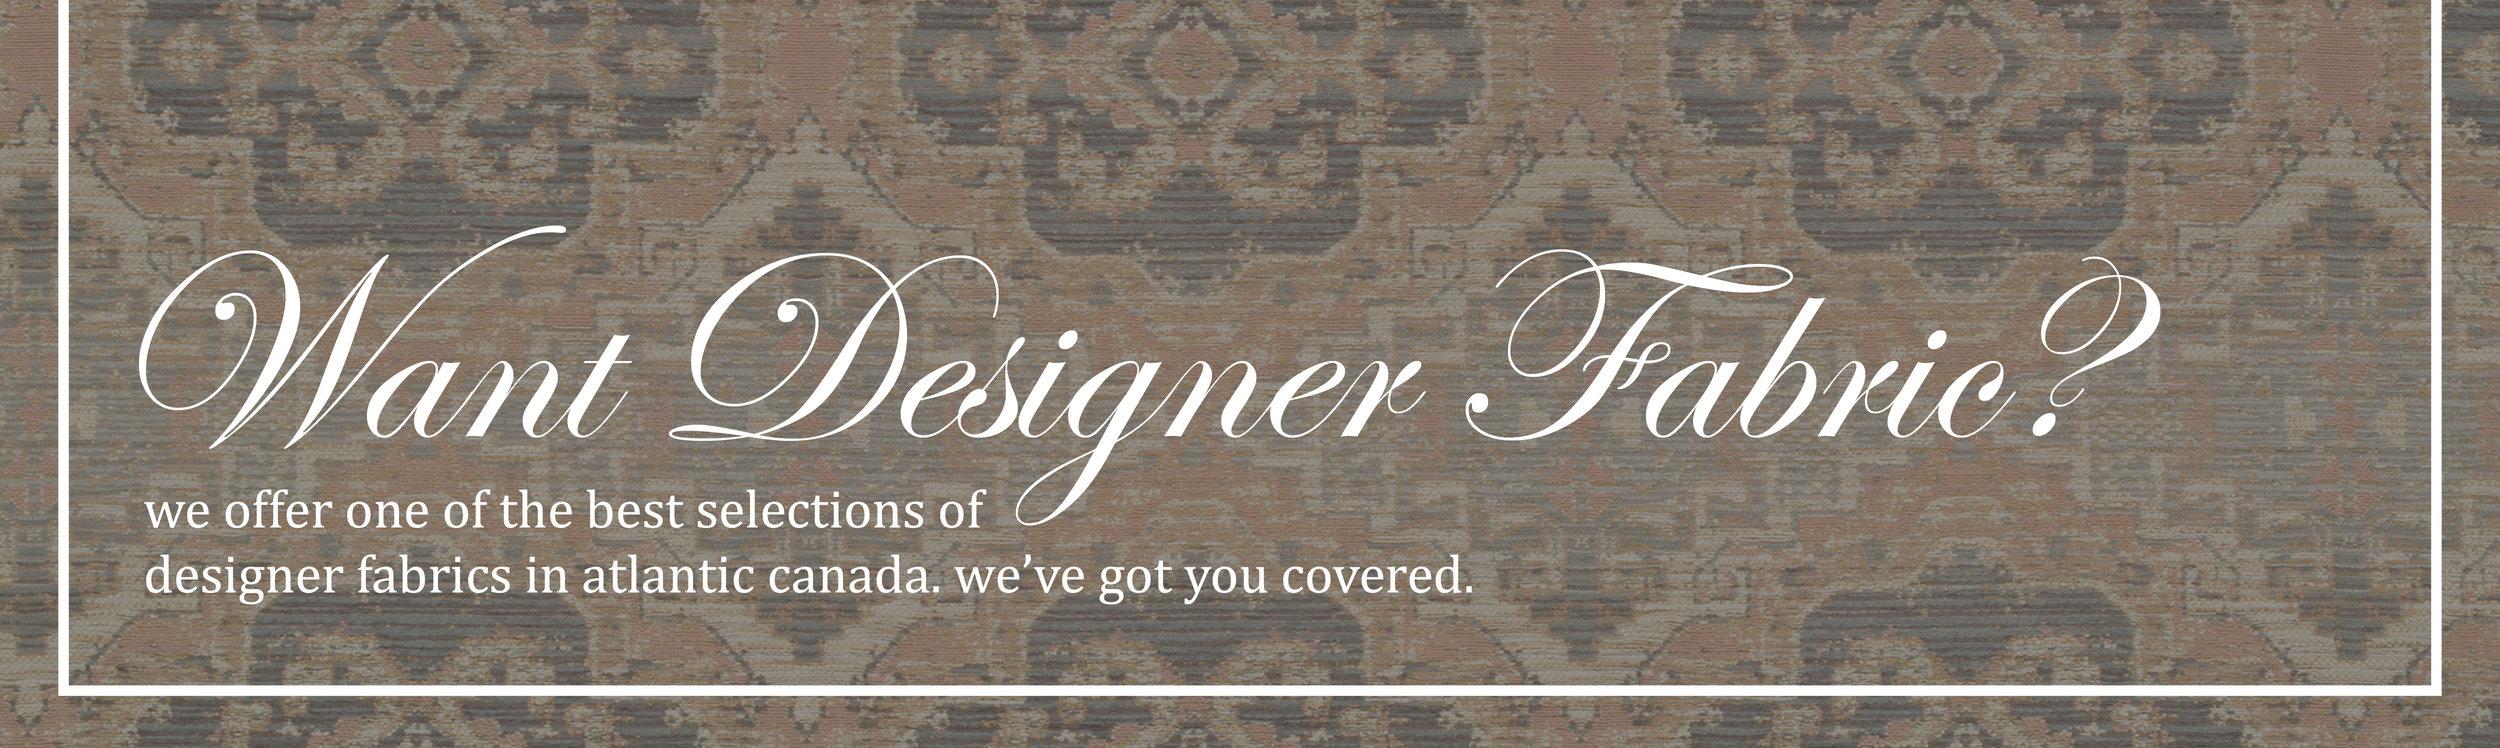 Want Designer Fabric?